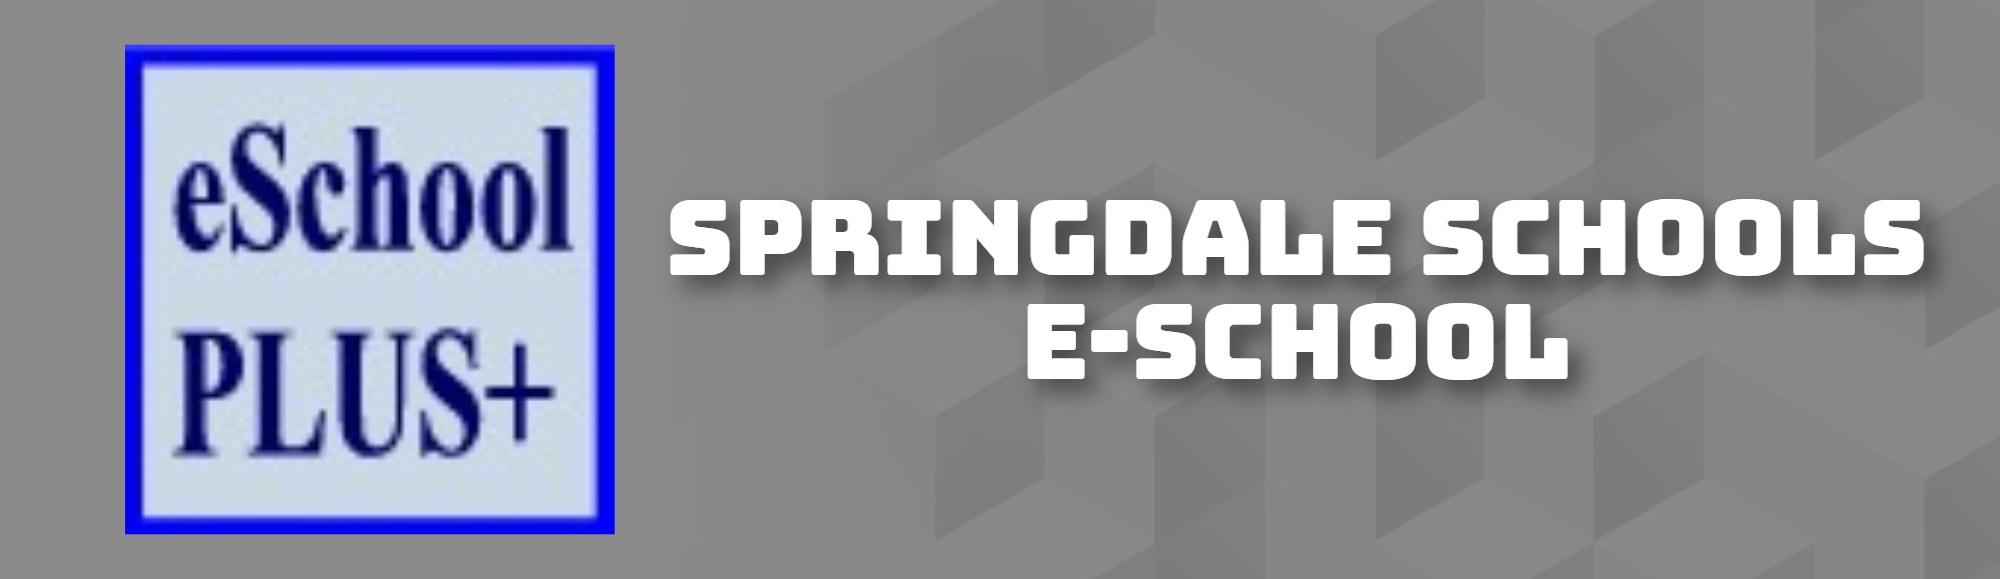 SPRINGDALE SCHOOLS E-SCHOOL